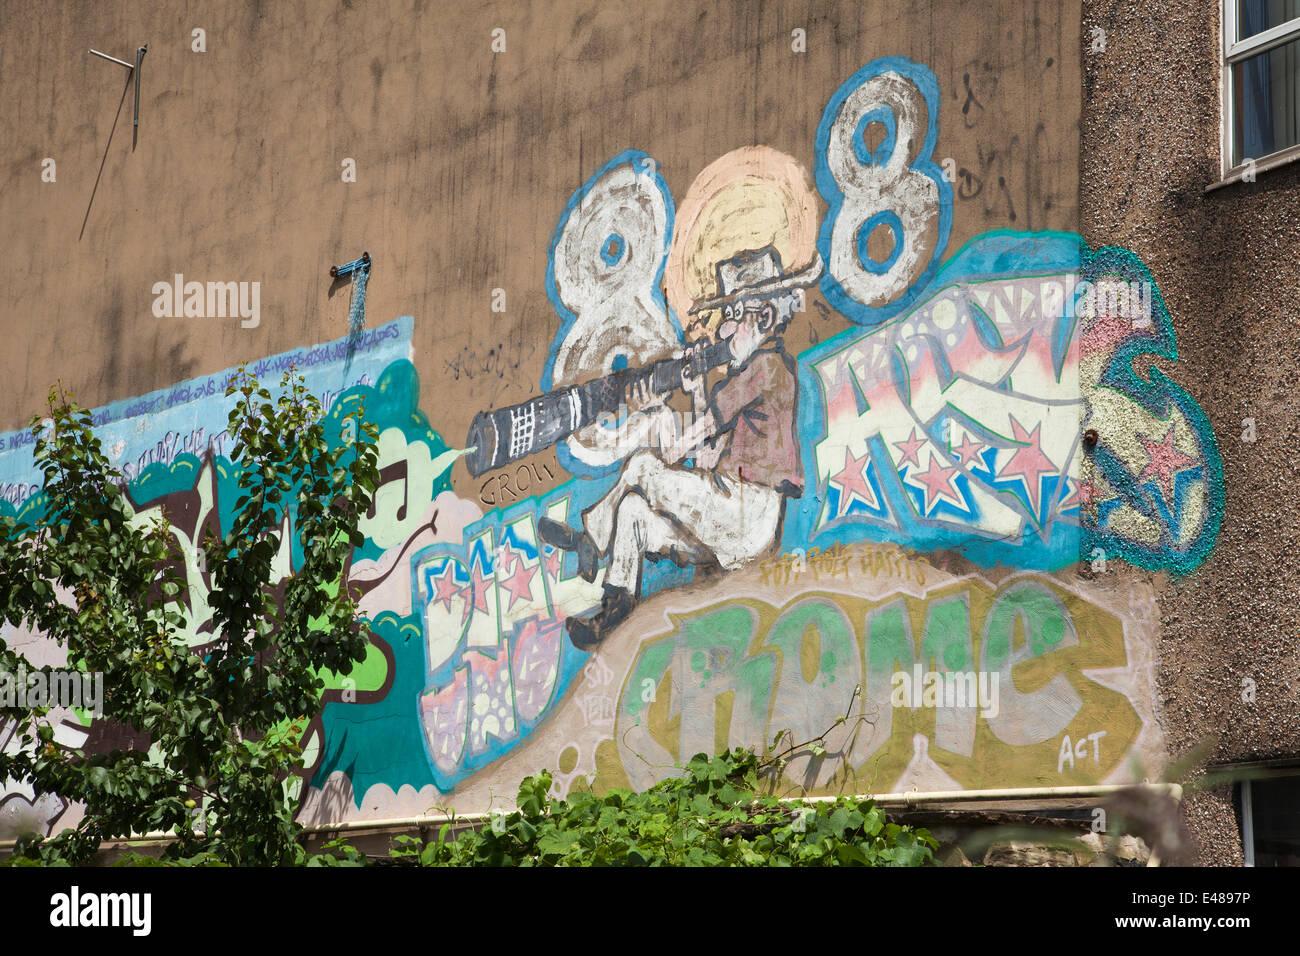 Shoreham Street, Sheffield, Royaume-Uni 5 juillet 2014. Une murale de Rolf Harris sur l'immeuble des Archives de Sheffield est d'être peint après l'artiste et l'artiste a été emprisonné pendant 5 ans et 9 mois pour la pudeur. Rolf Harris a peint le portrait de soi dans les années 1990 sur l'immeuble en Sheffeild centre-ville. Credit: Mark Richardson/Alamy Live News Banque D'Images